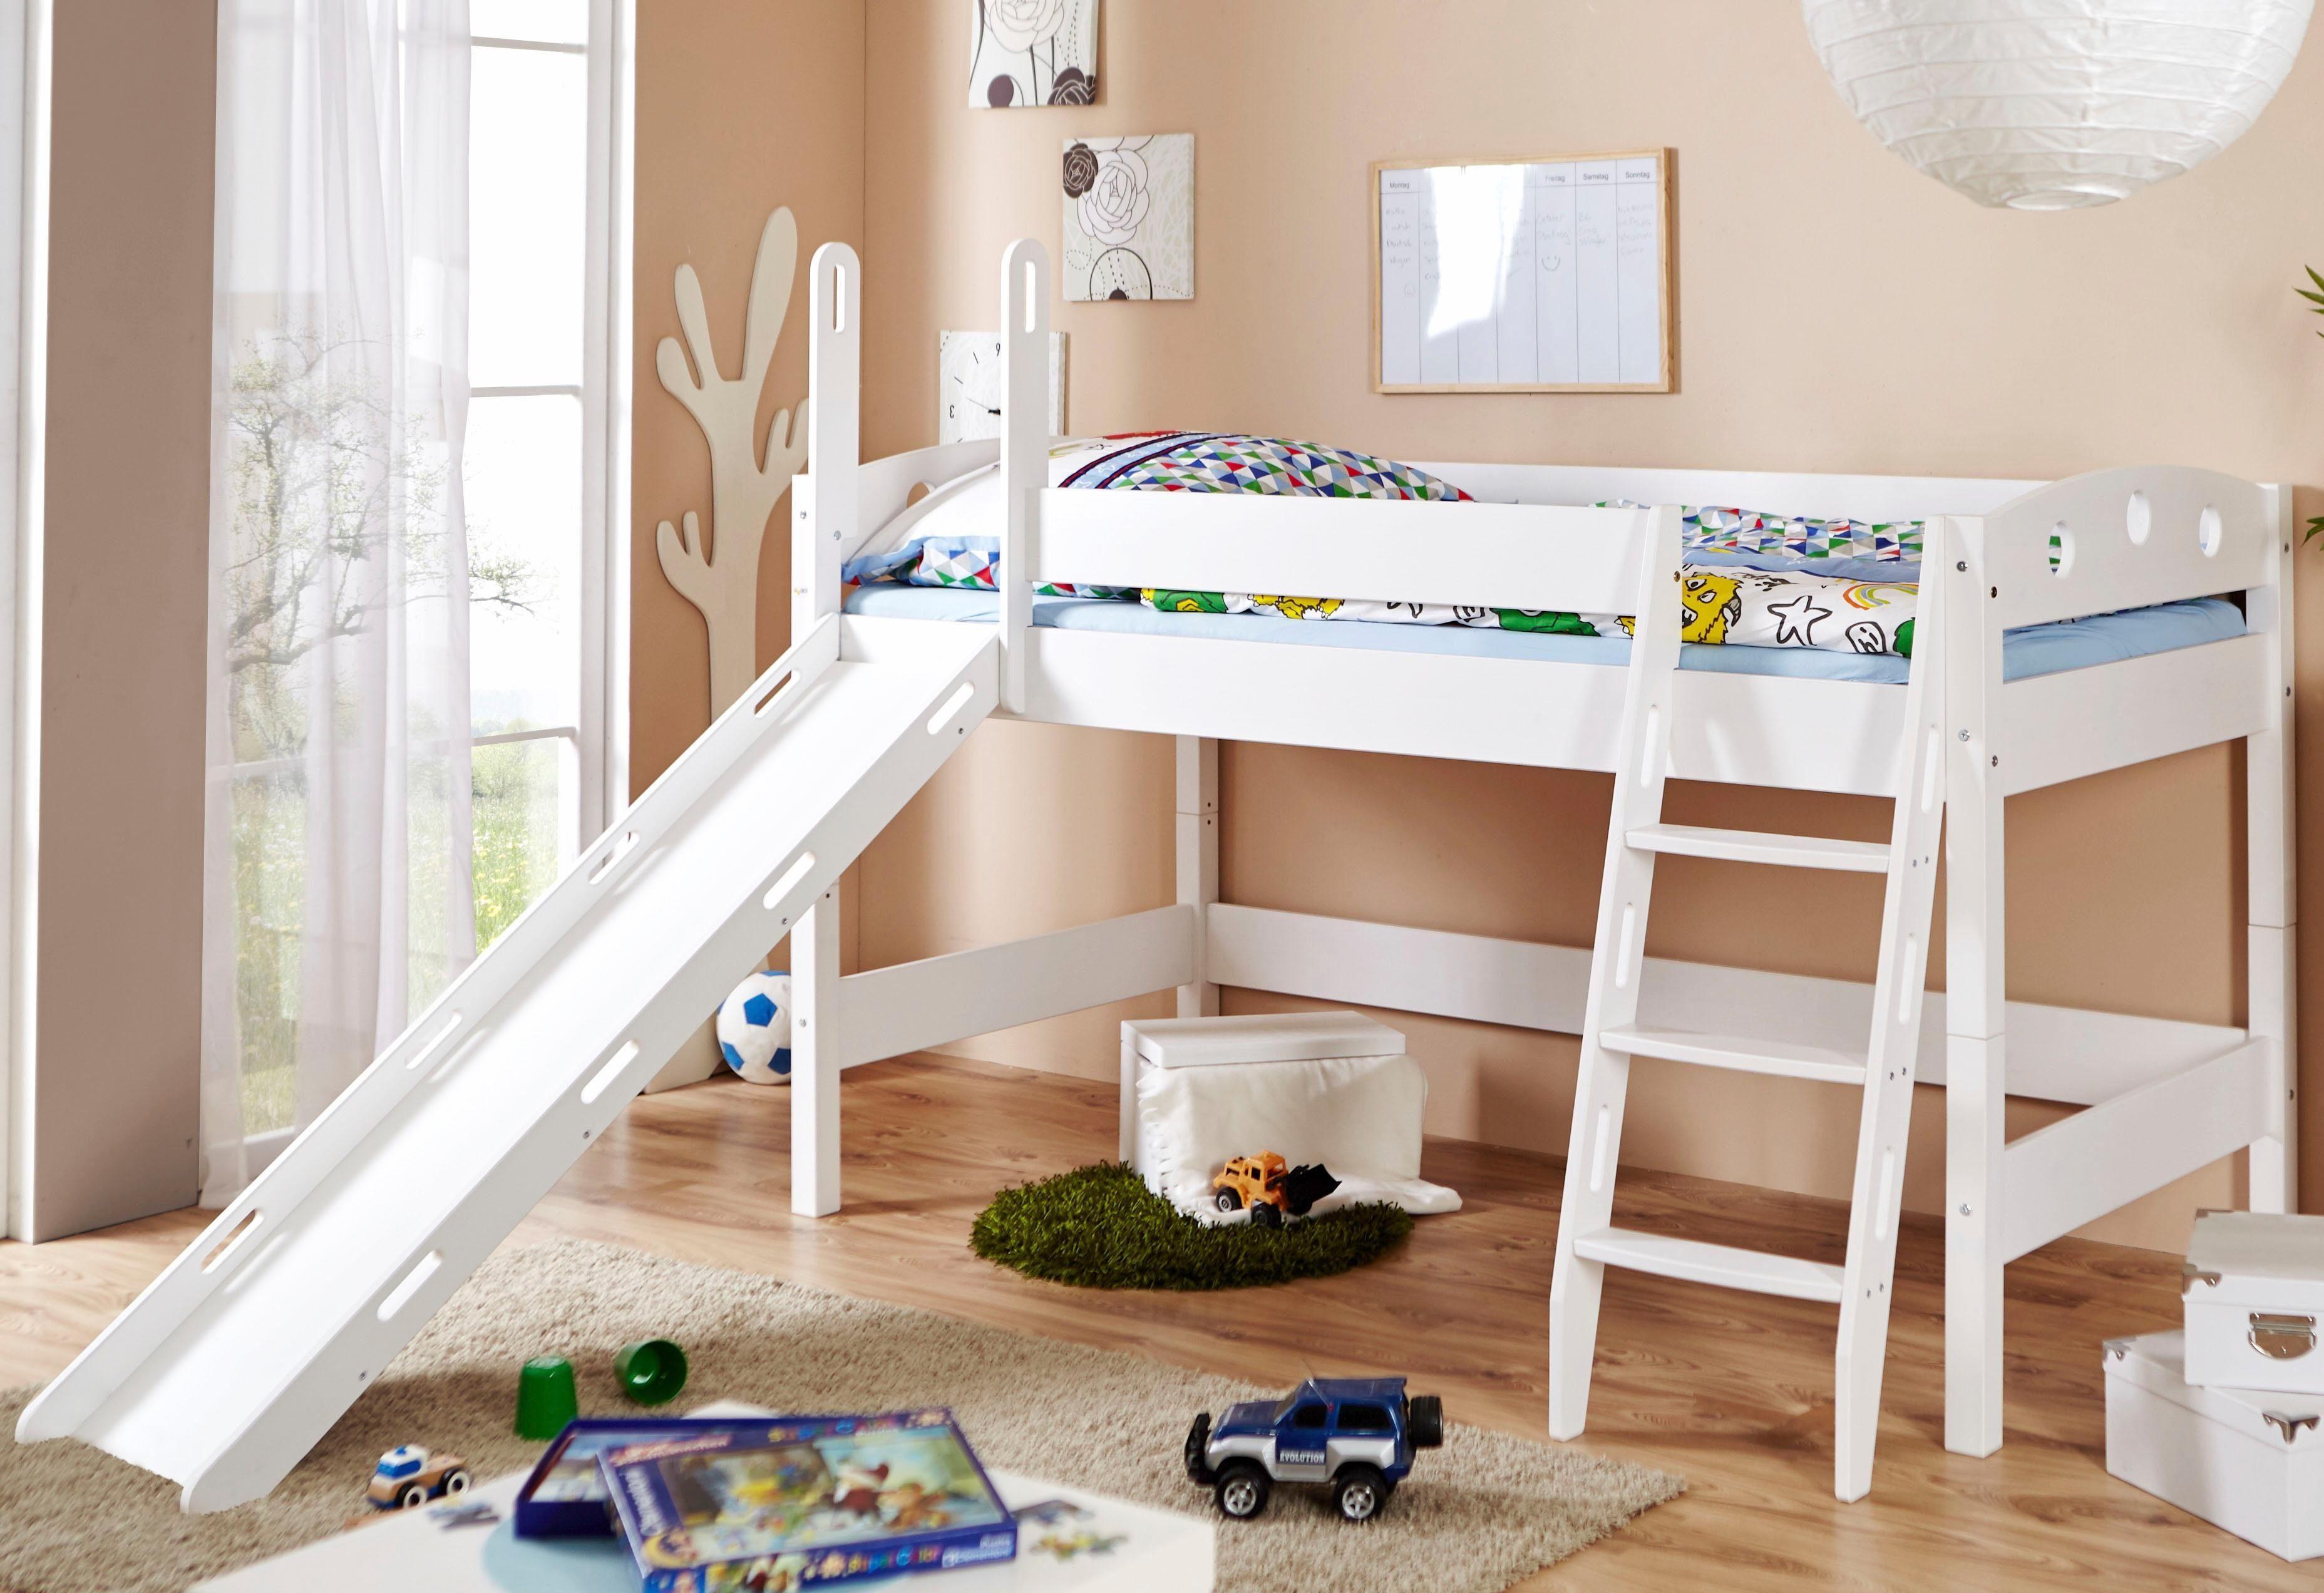 Etagenbett Weiss Mit Rutsche : Kinderbett etagenbett rutsche u einzigartige sky